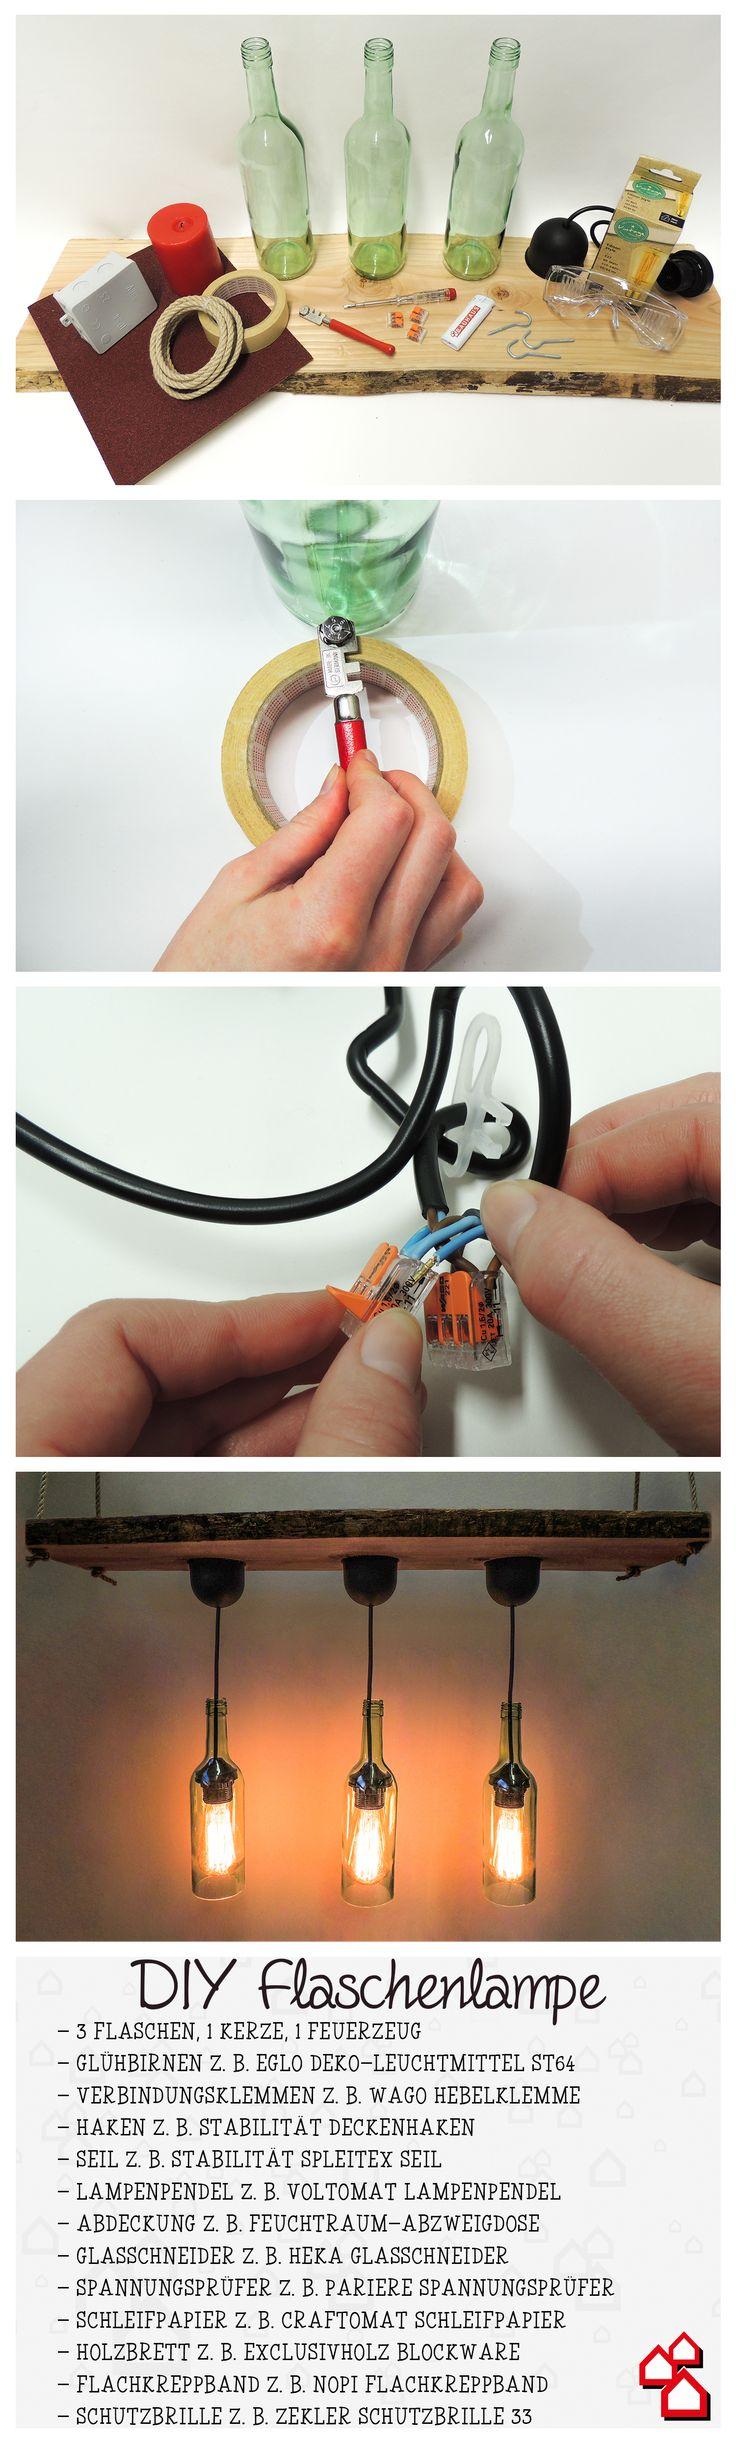 Unsere DIY Flaschenlampe bringt einen rustikalen Charme in die eigenen vier Wände.